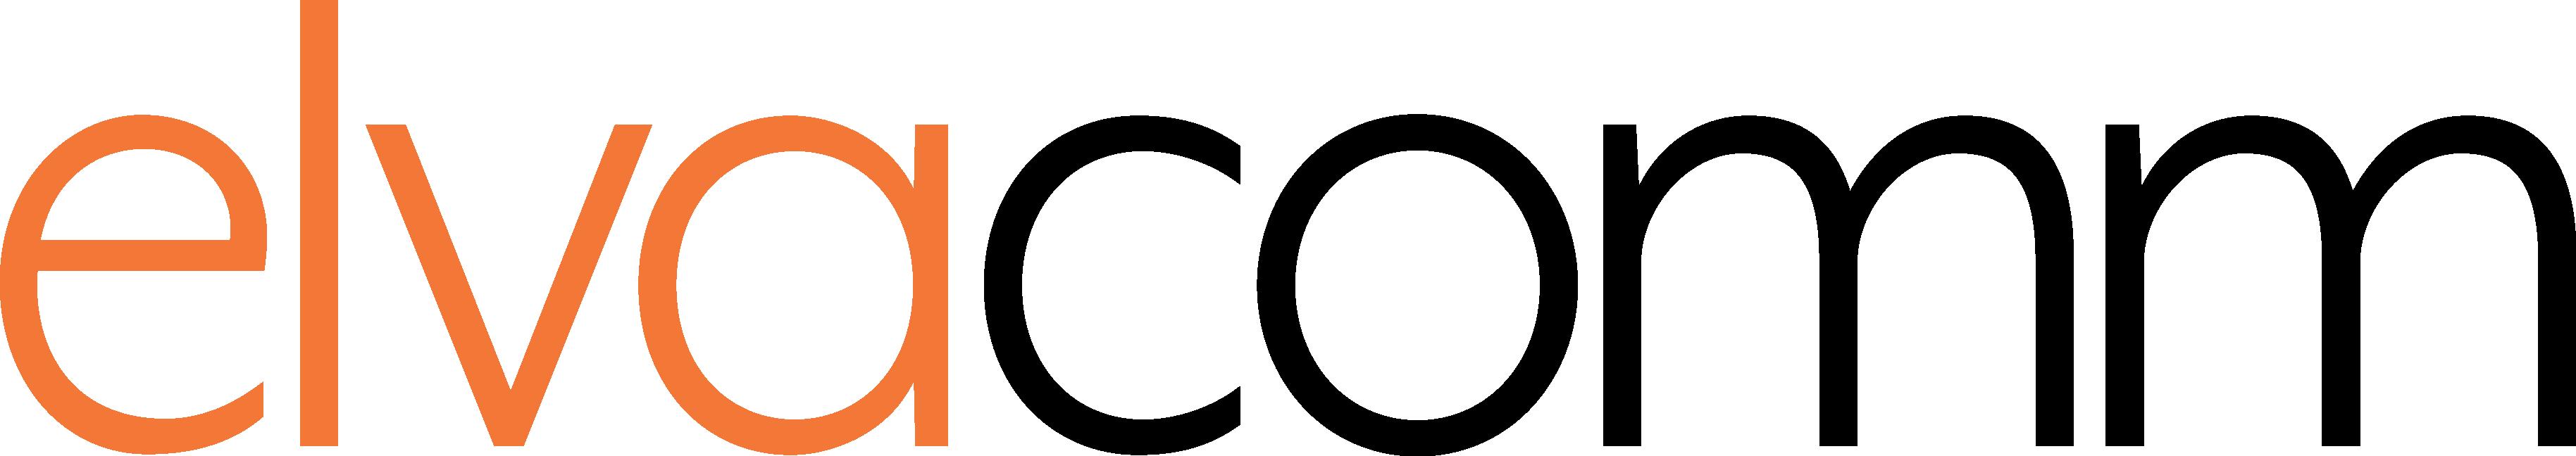 Elvacomm logo